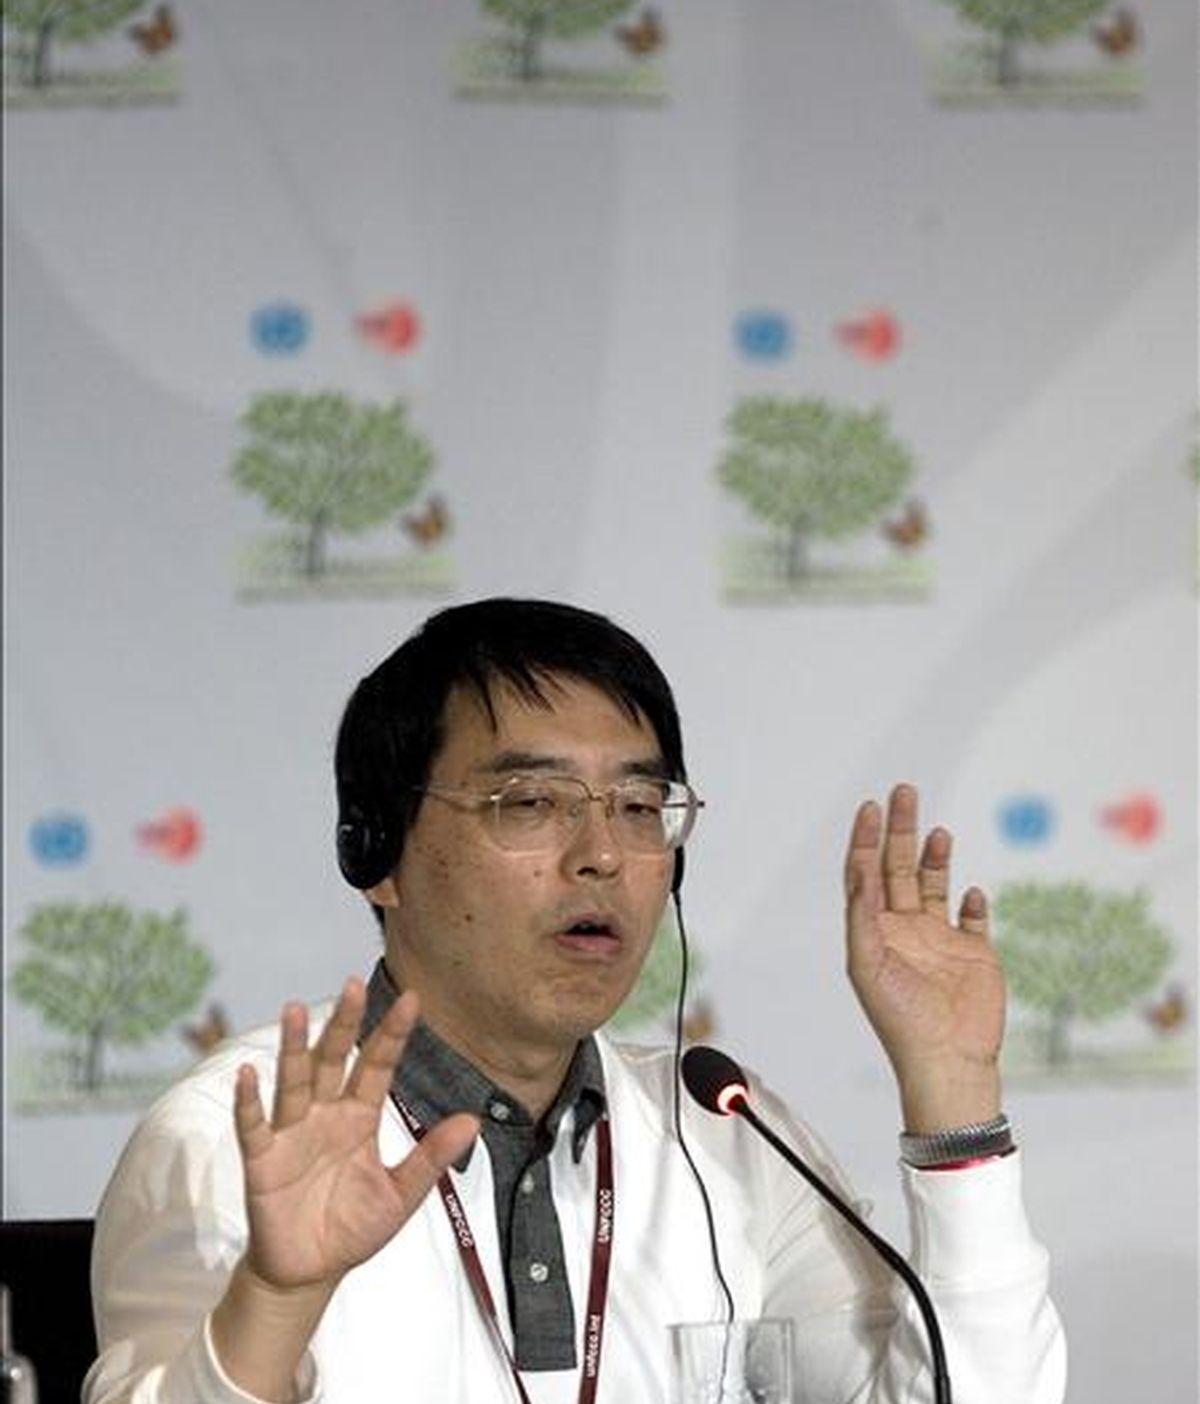 El subdirector general de Asuntos Globales del Ministerio japonés de Asuntos Exteriores, Akira Yamada, en una rueda de prensa ofrecida en la XVI Conferencia de las Partes de la ONU sobre Cambio Climático que se desarrolla en Cancún (México). EFE